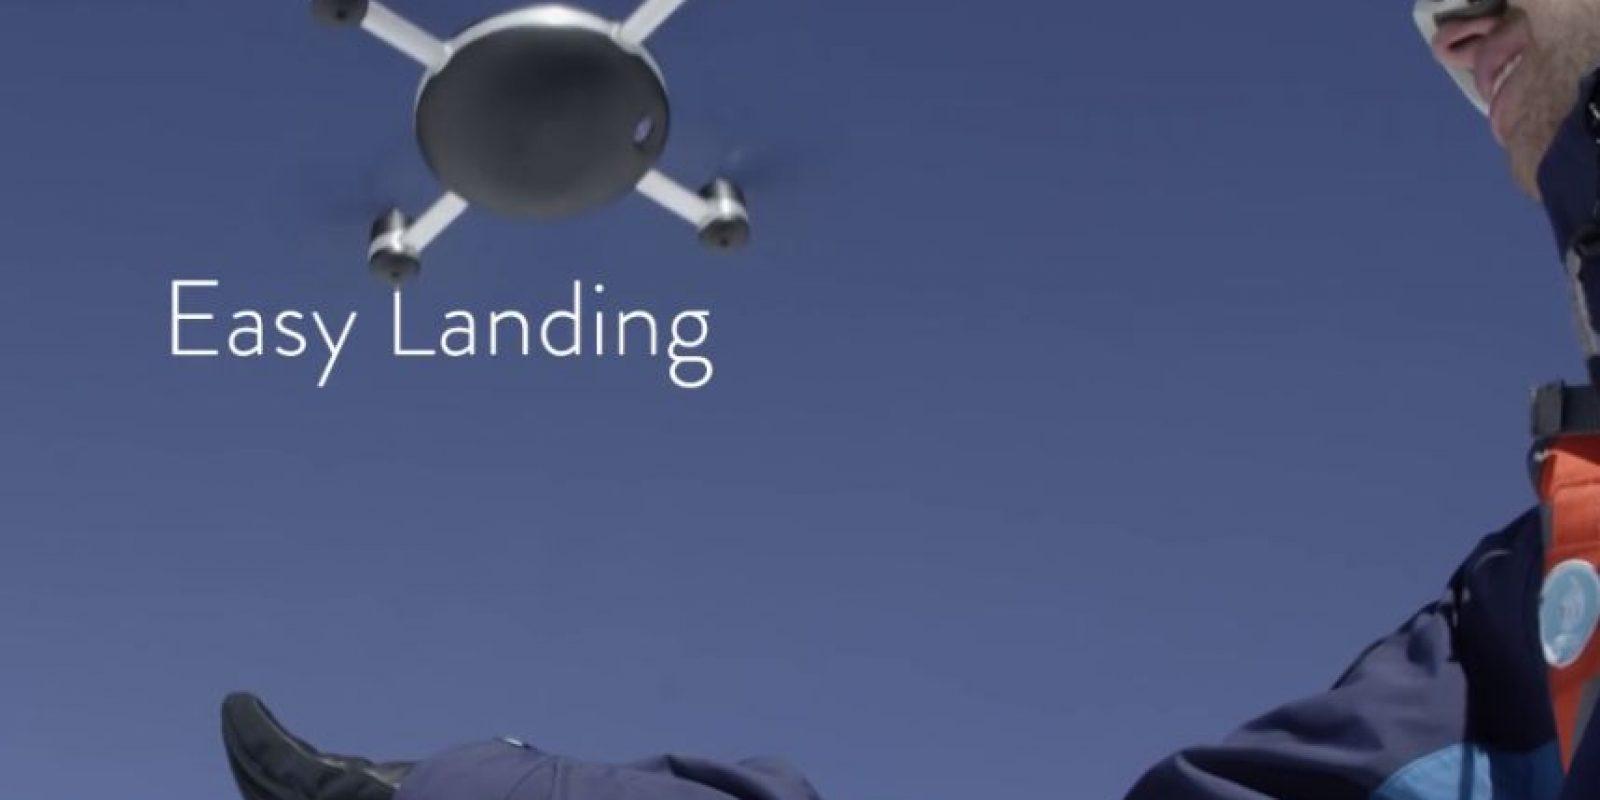 """El concepto de este aparato comenzó a desarrollarse en un drone británico especial llamado """"Zano"""" Foto:lily.camera"""